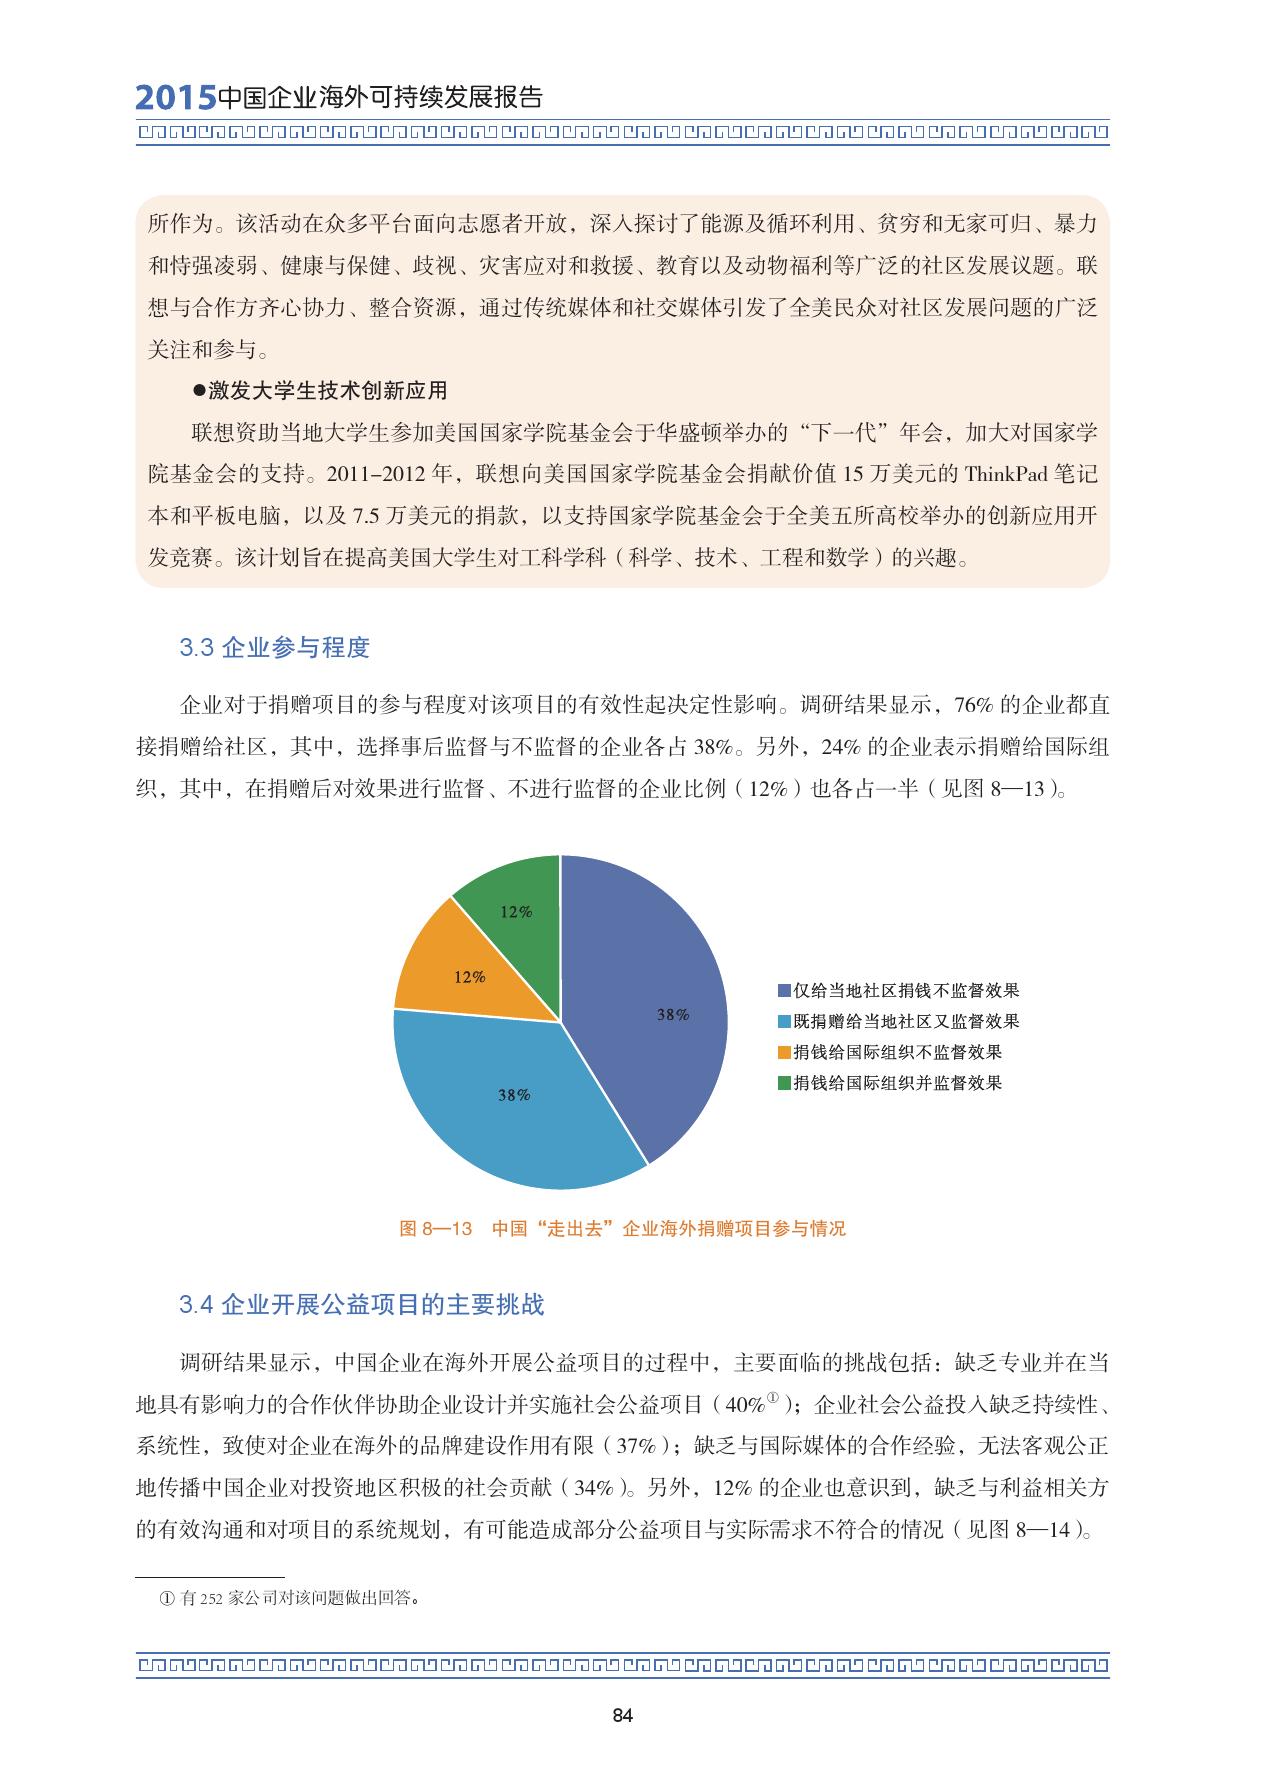 2015中国企业海外可持续发展报告_000098